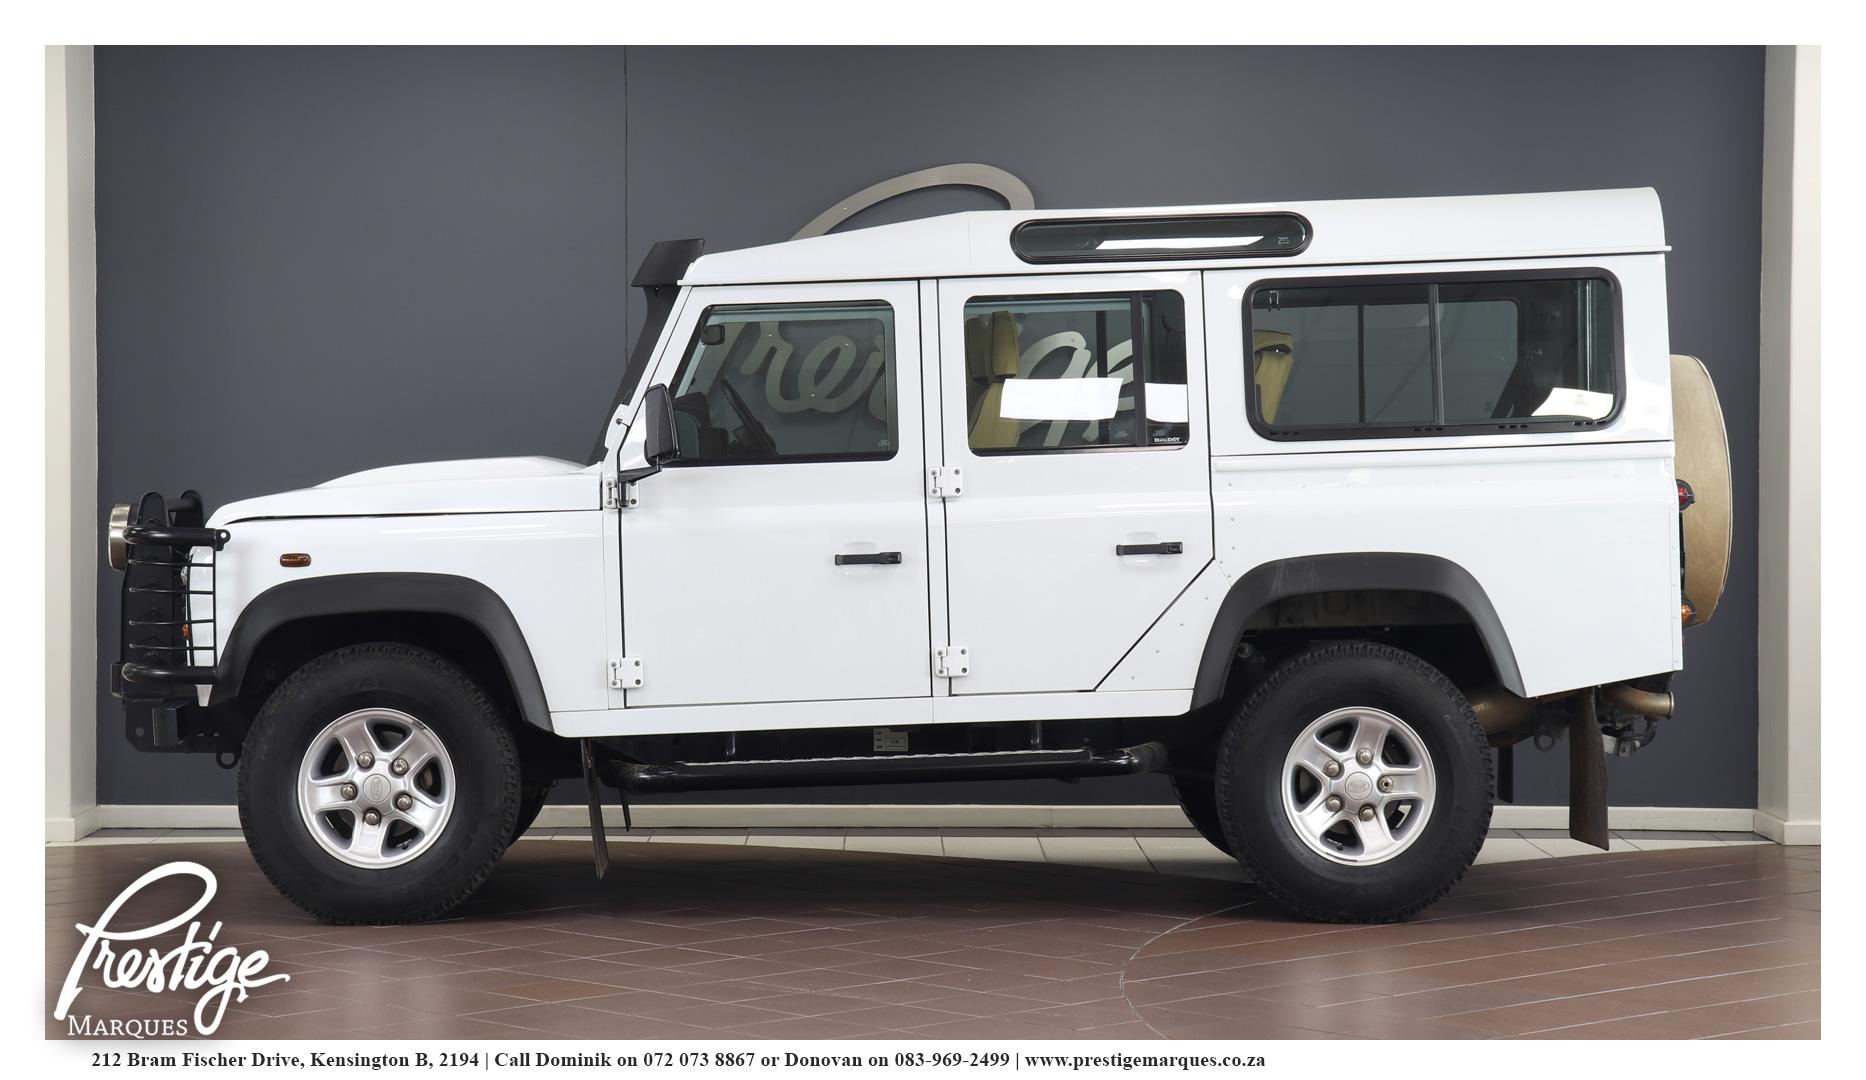 Land-Rover-Defender-110-2.5D-Prestige-Marques-6